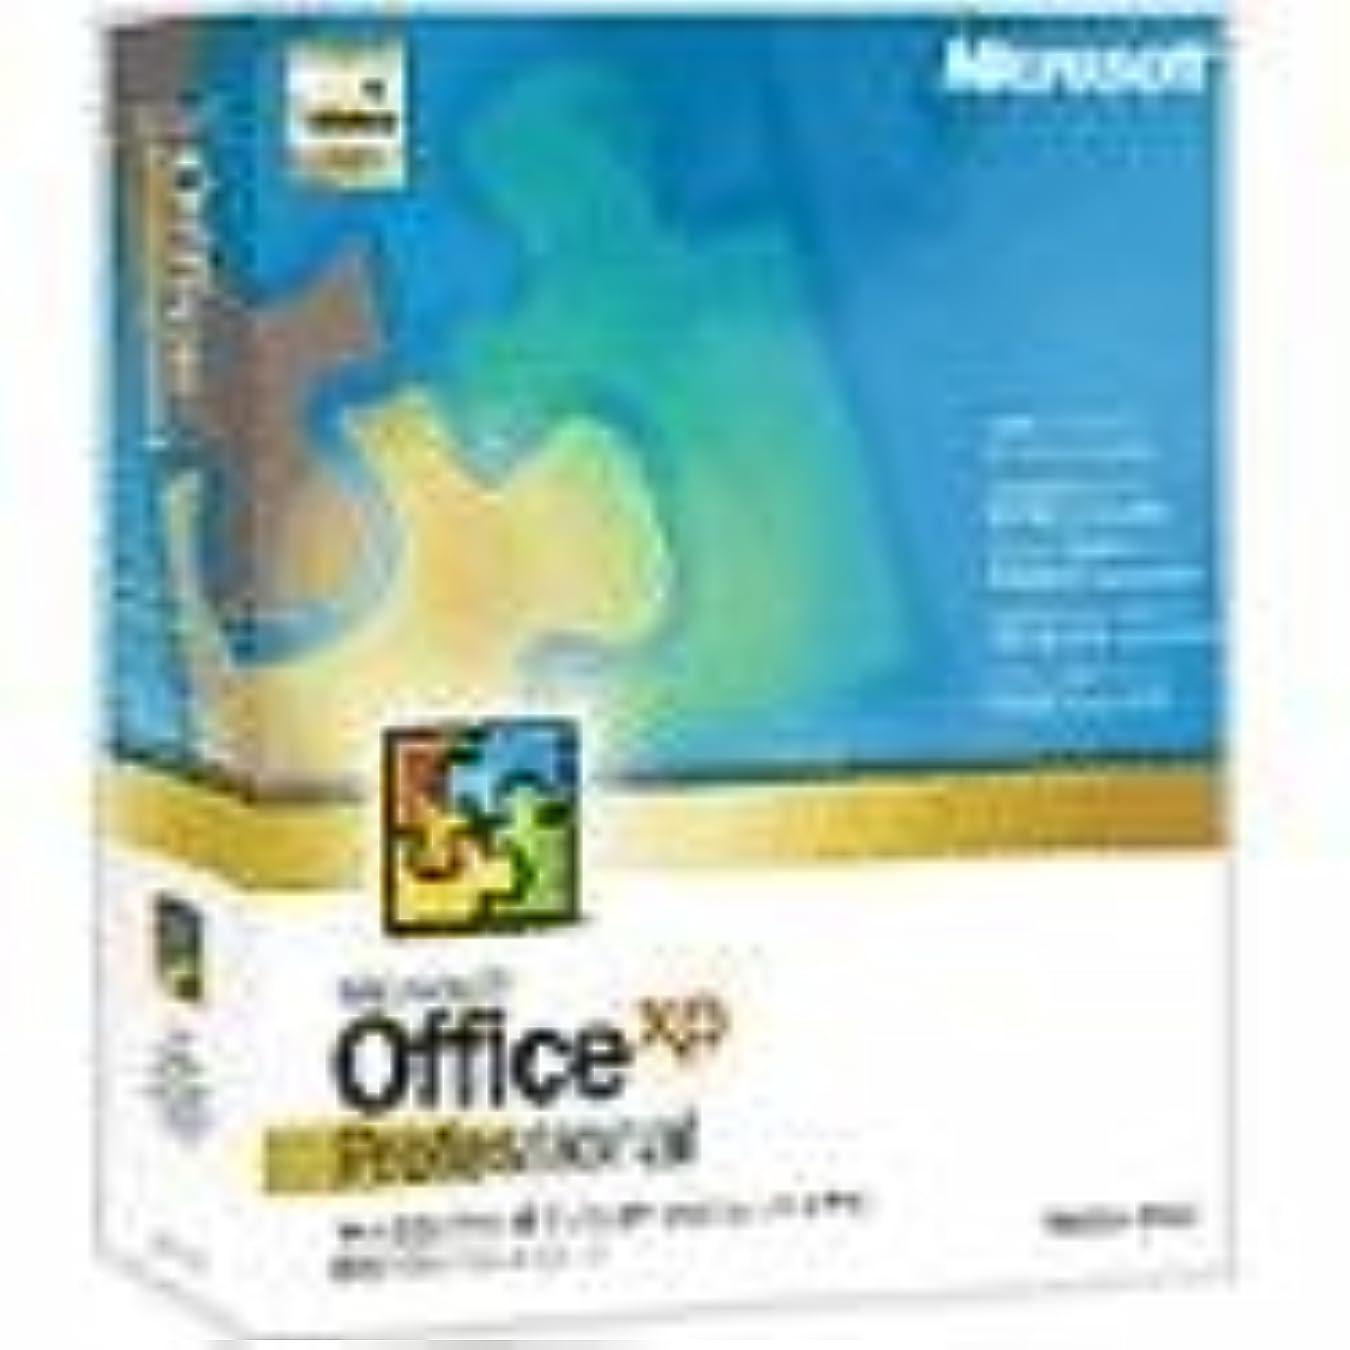 協力的不名誉するだろう【旧商品/サポート終了】Office XP Professional